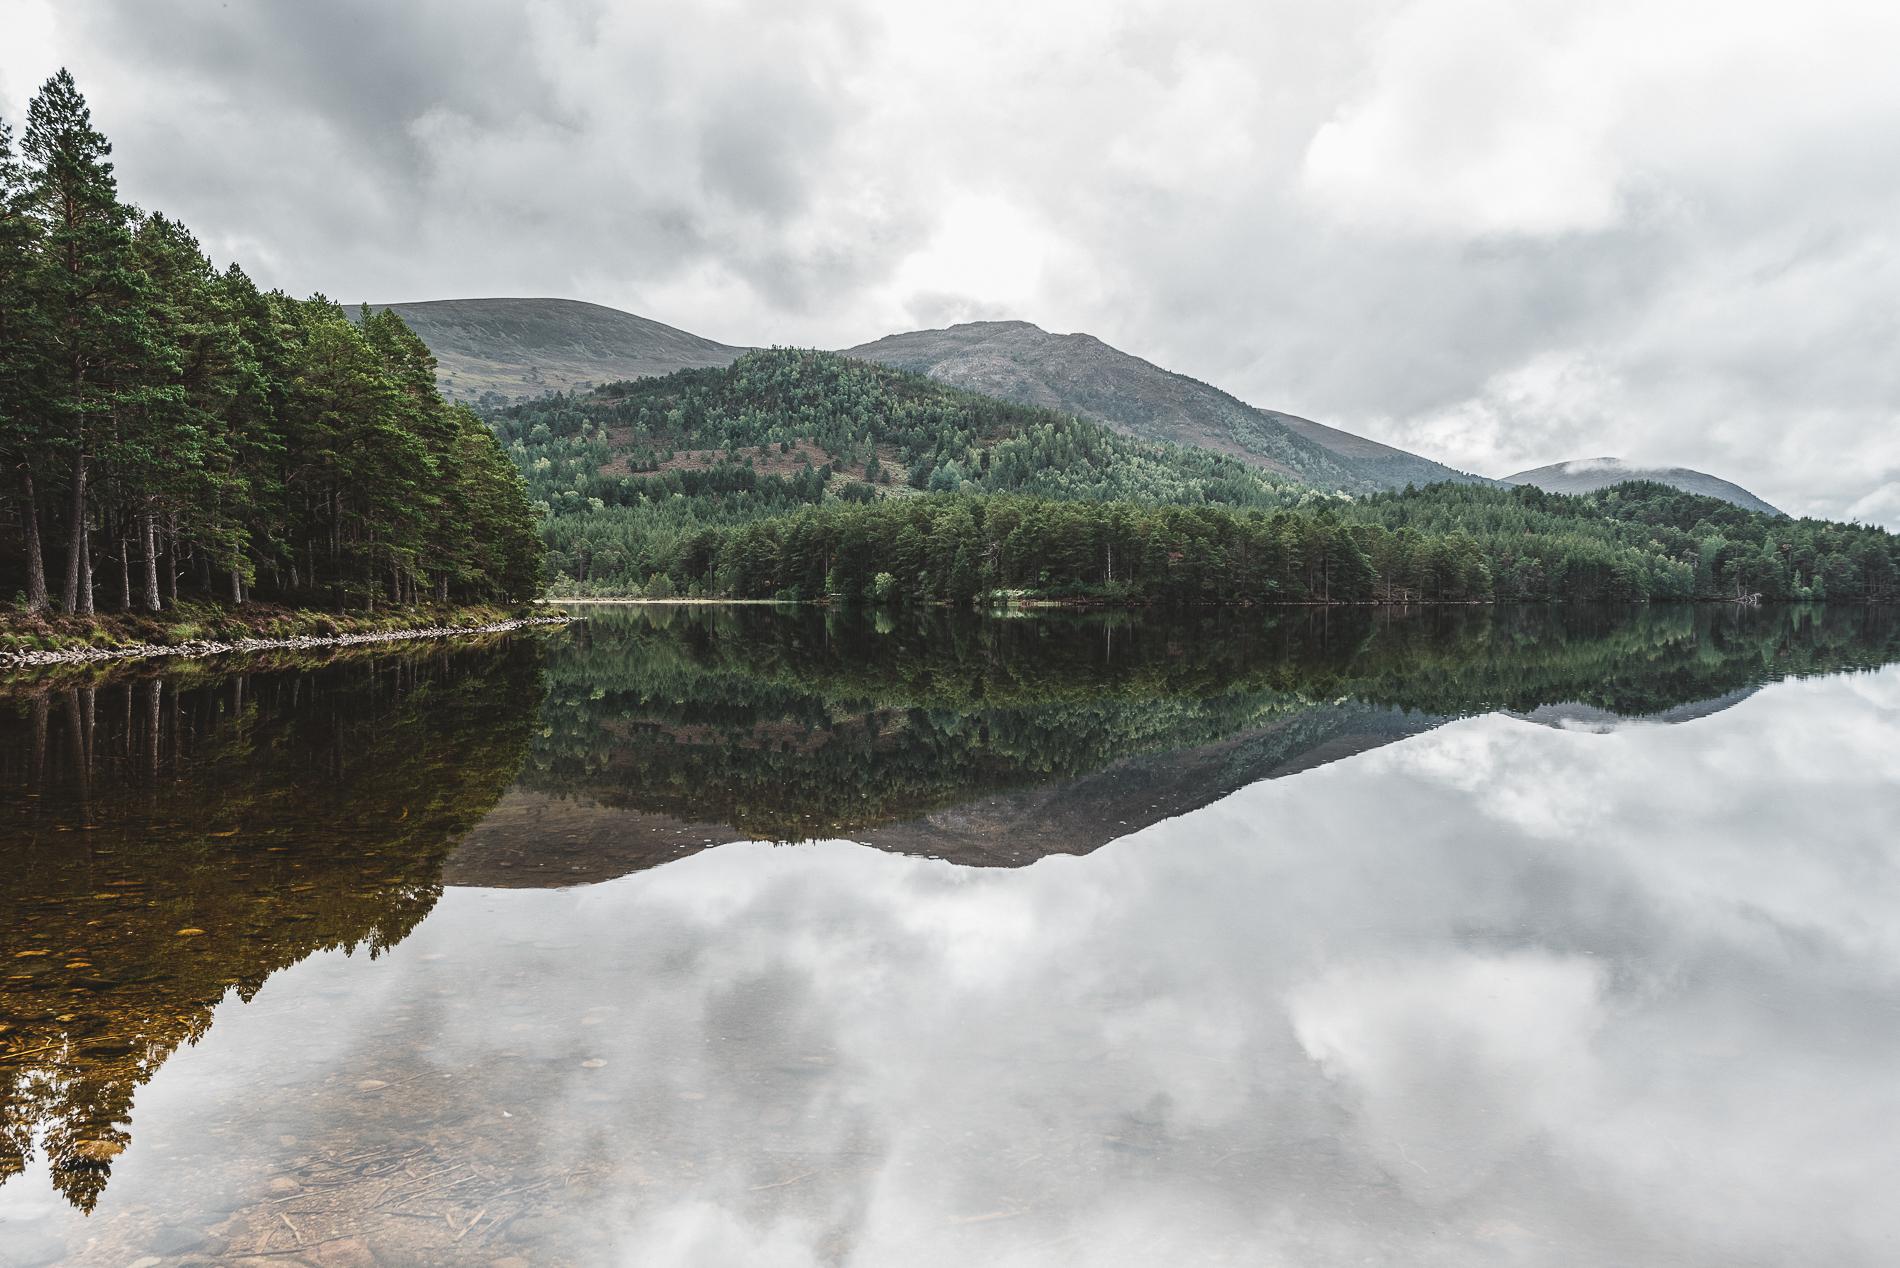 Loch an Eilein, Scotland